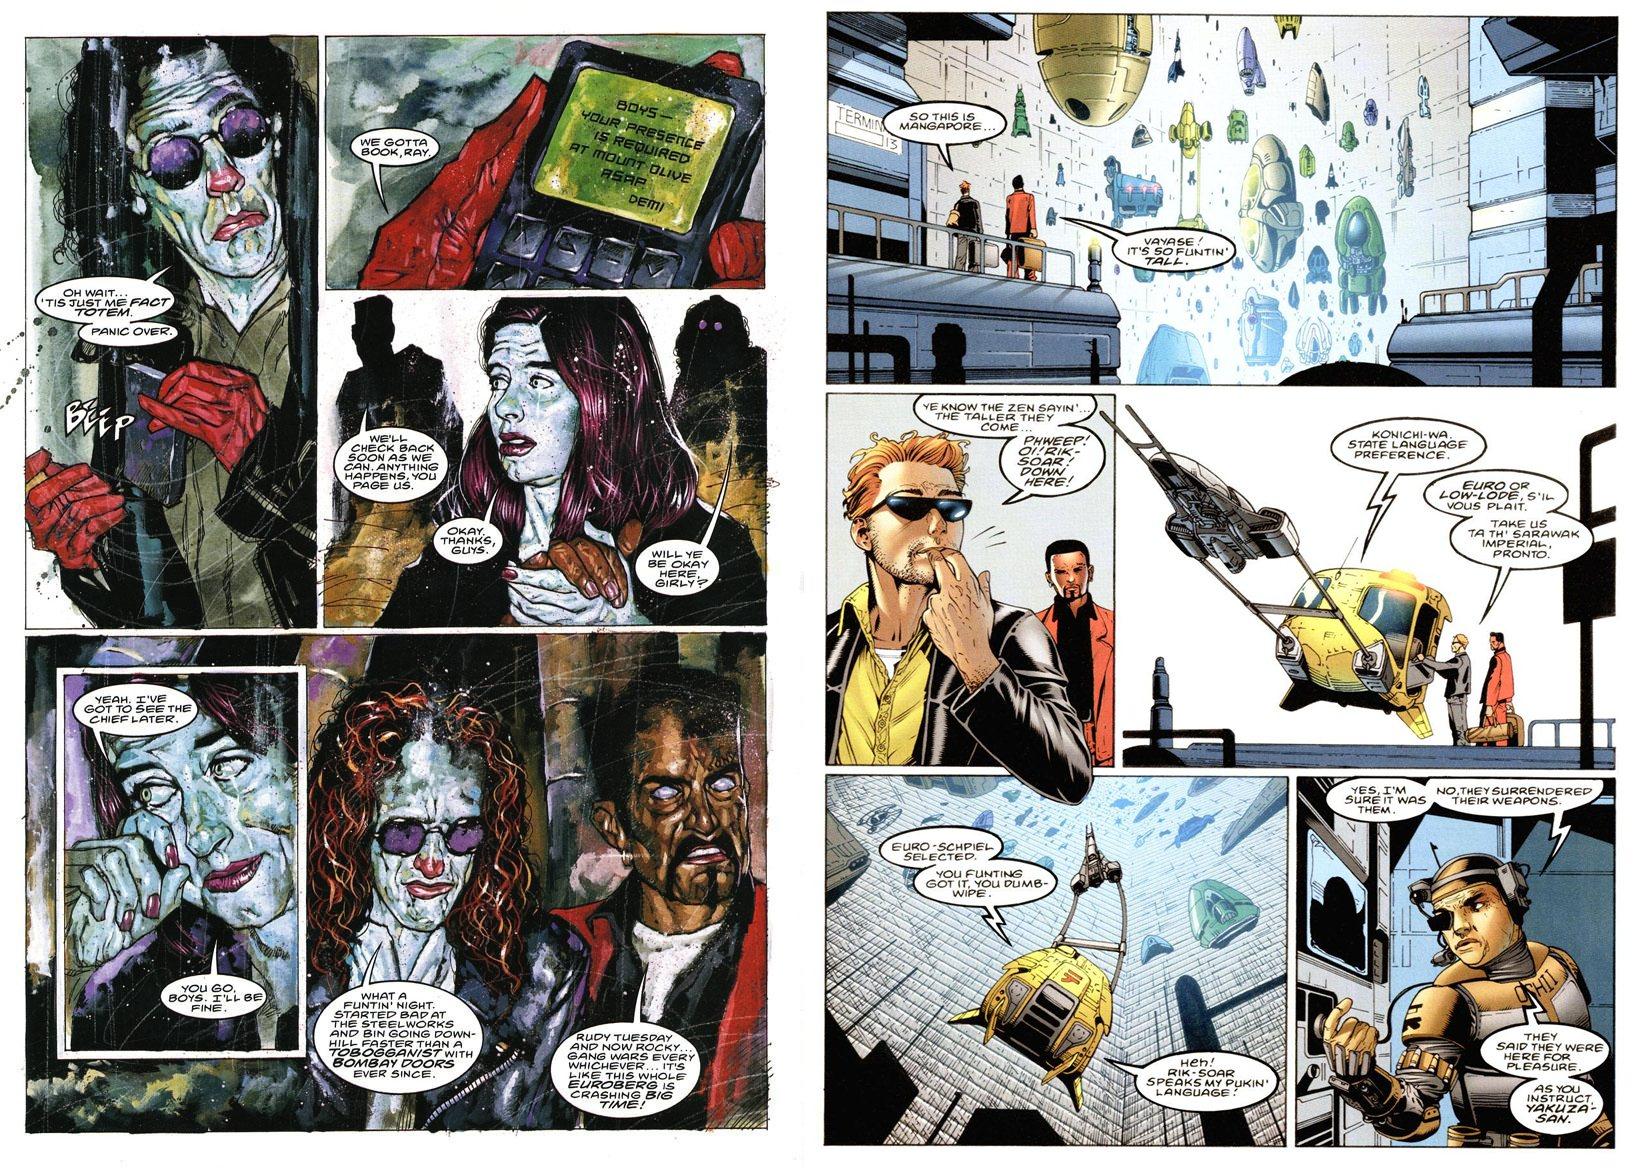 Sinister Dexter - Eurocrash review